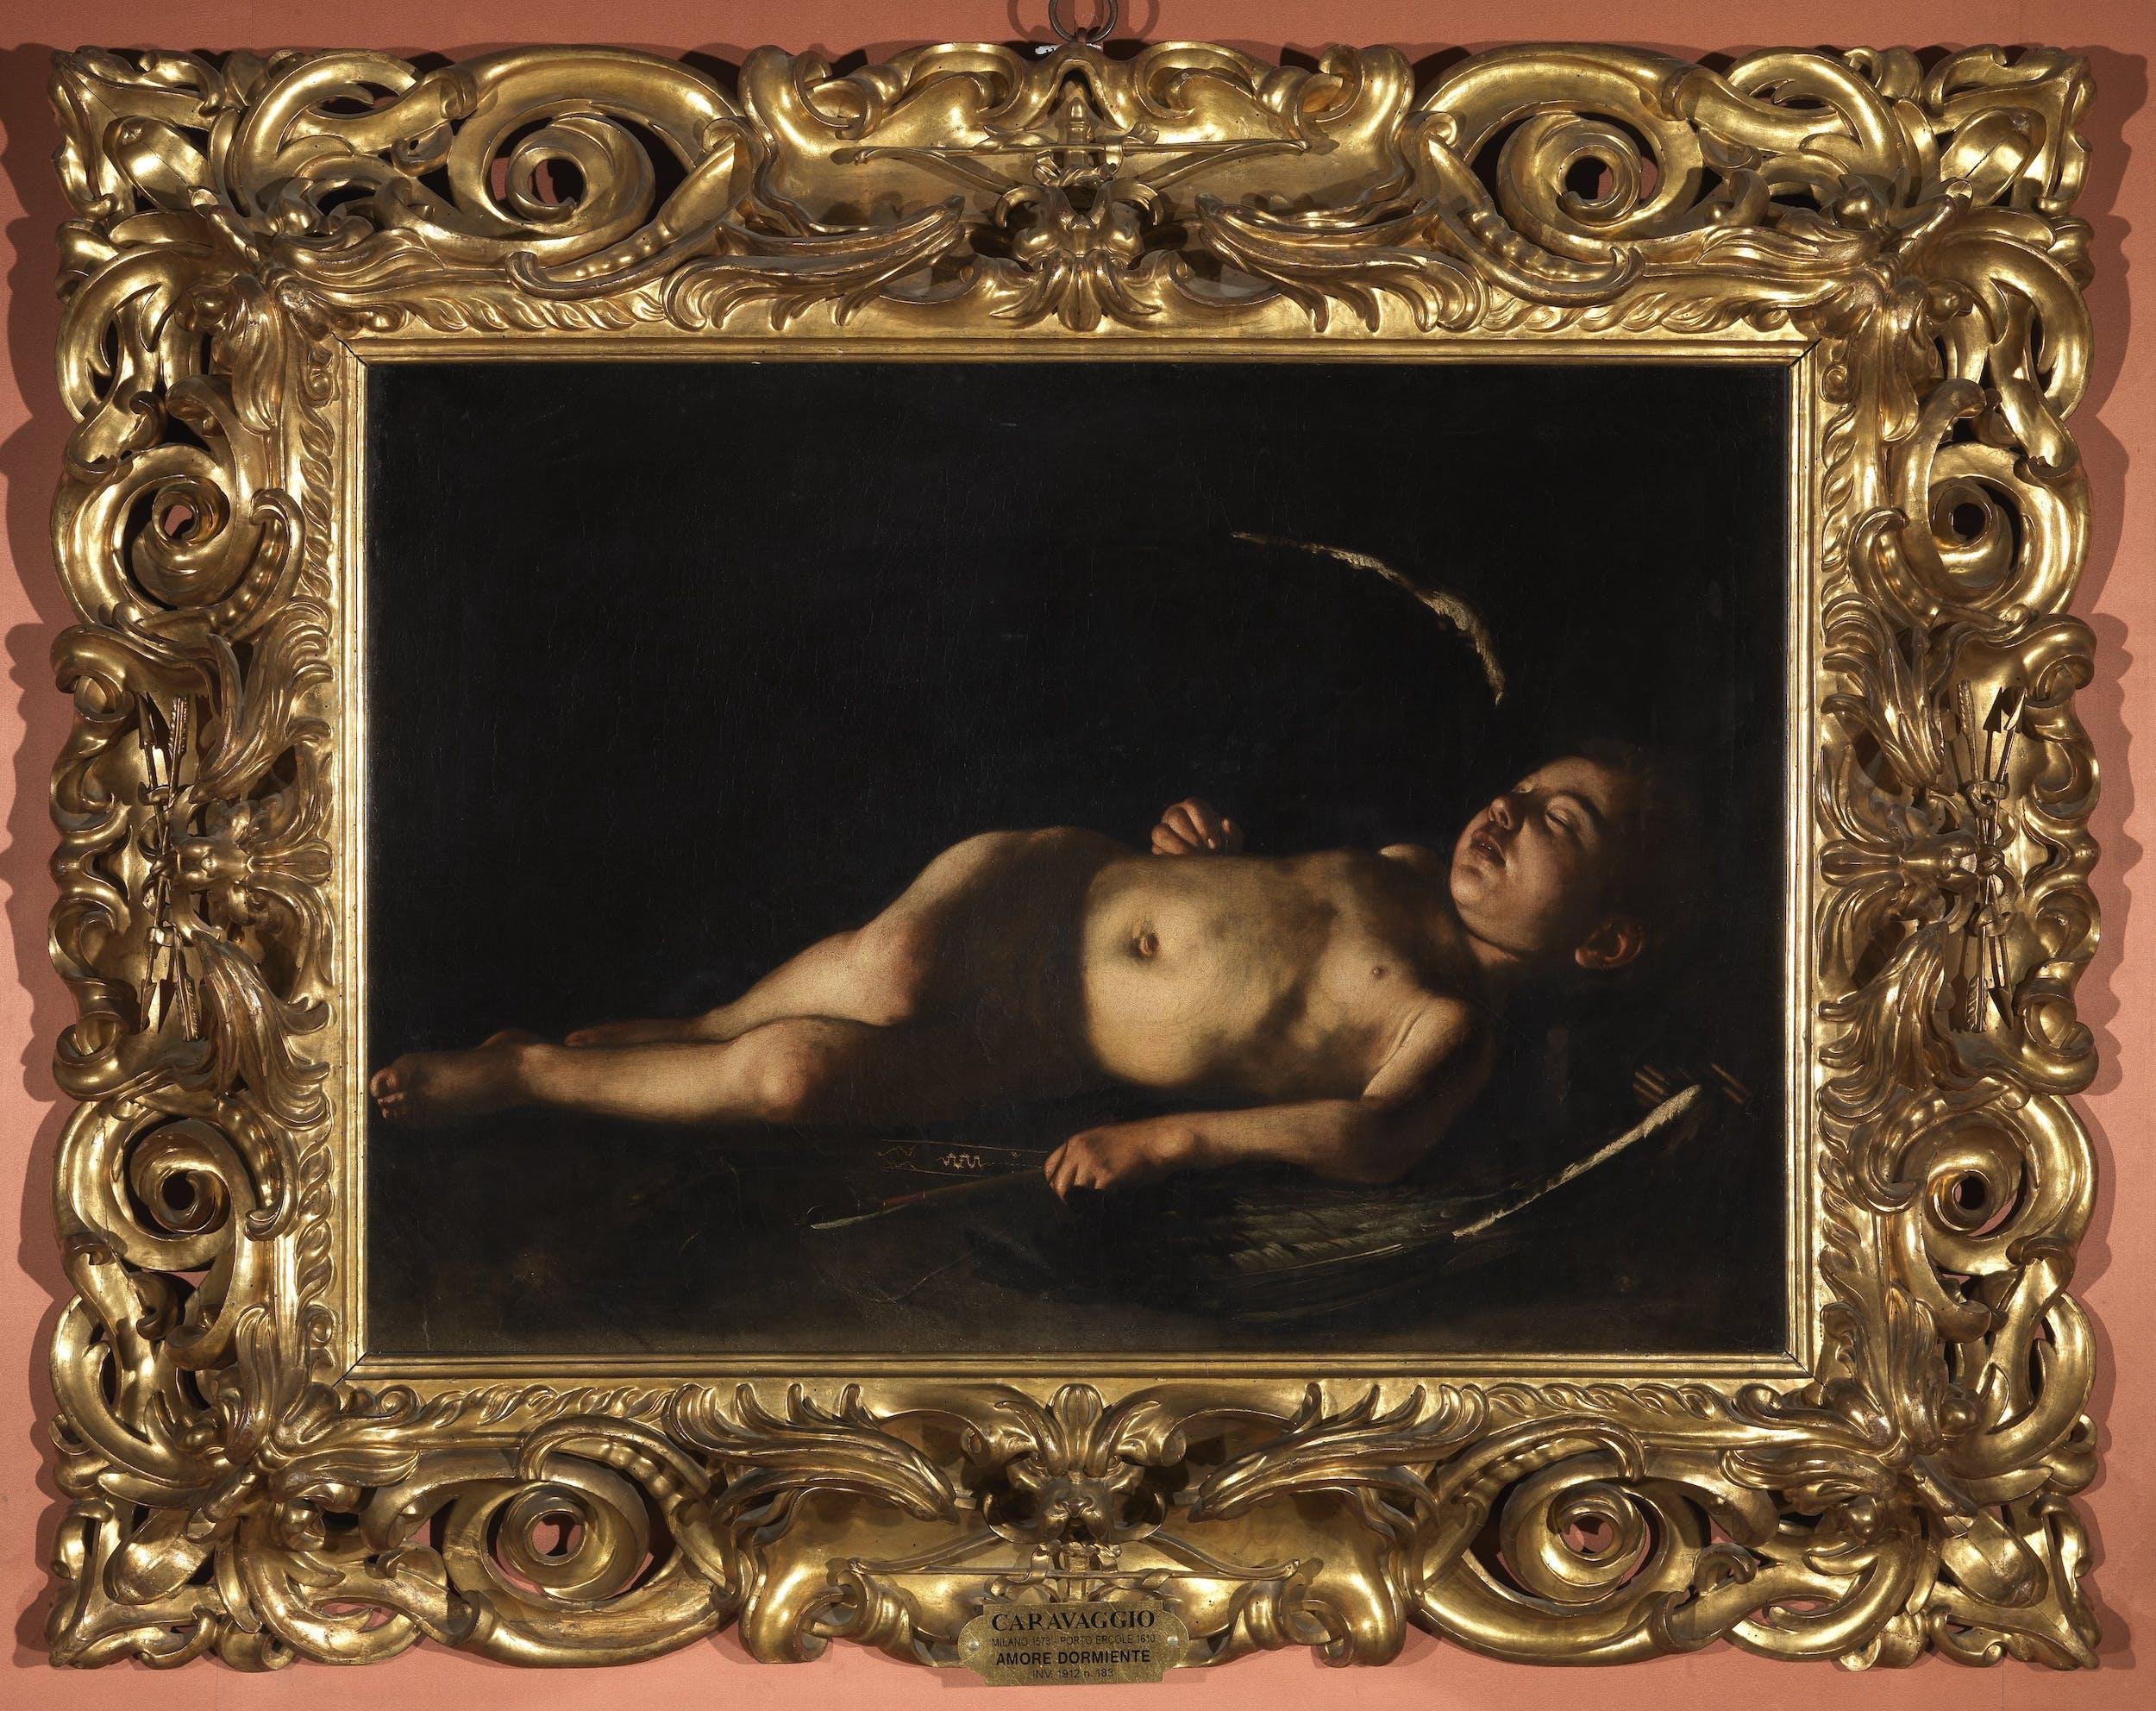 Caravaggio, Amorino dormiente, Galleria Palatina